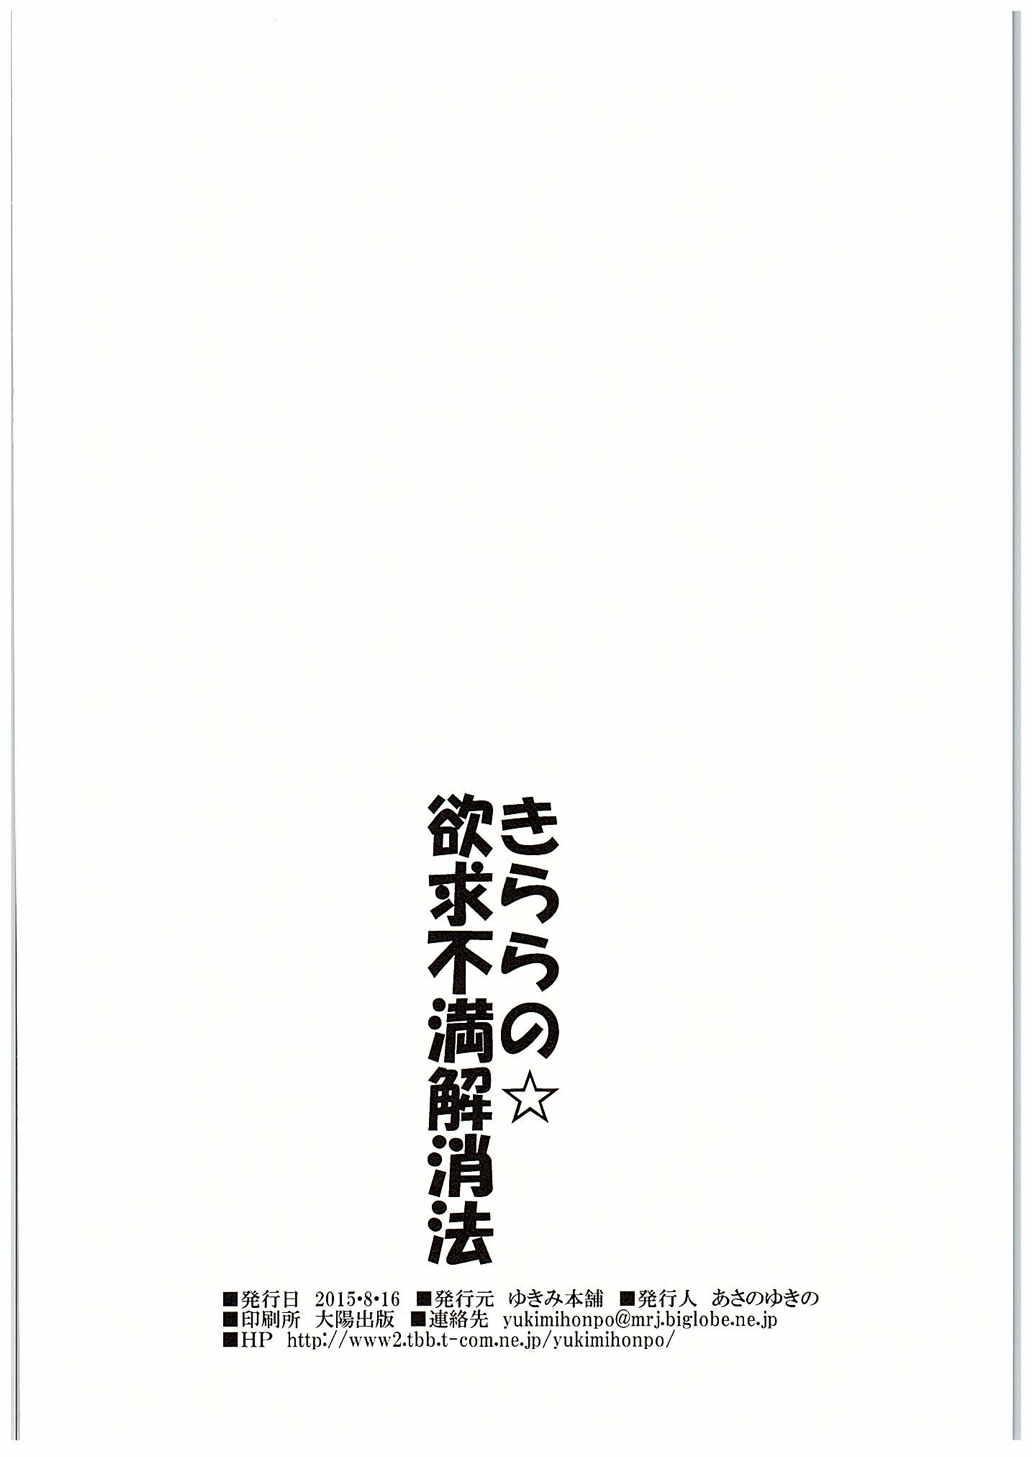 Kirara no Yokkyuu Fuman Kaishouhou 16